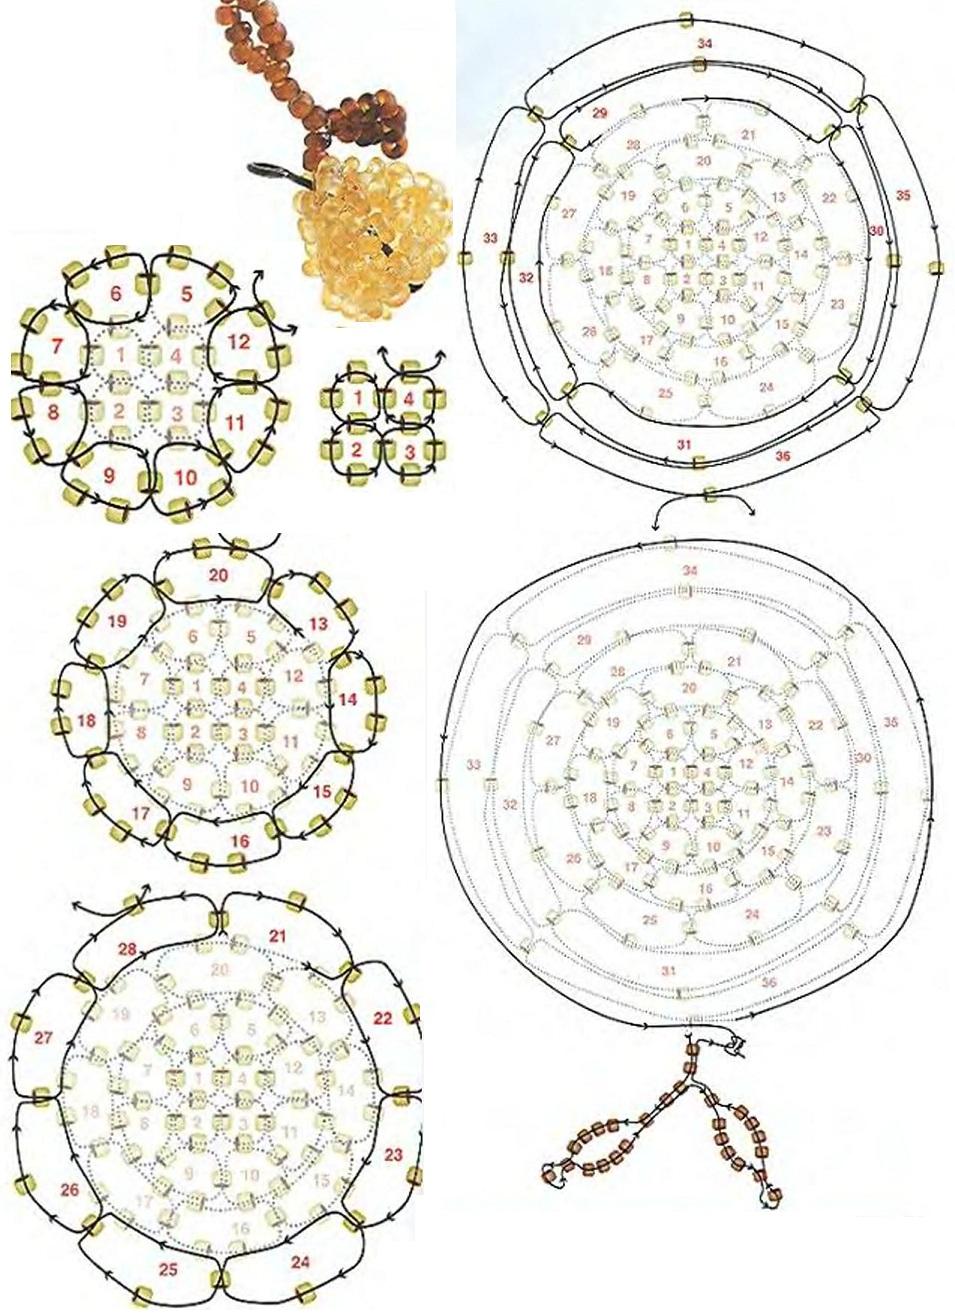 Бисерок.  Техника плетения по кругу довольно проста, нужно только наловчиться, а дальше уже и сами сможете...